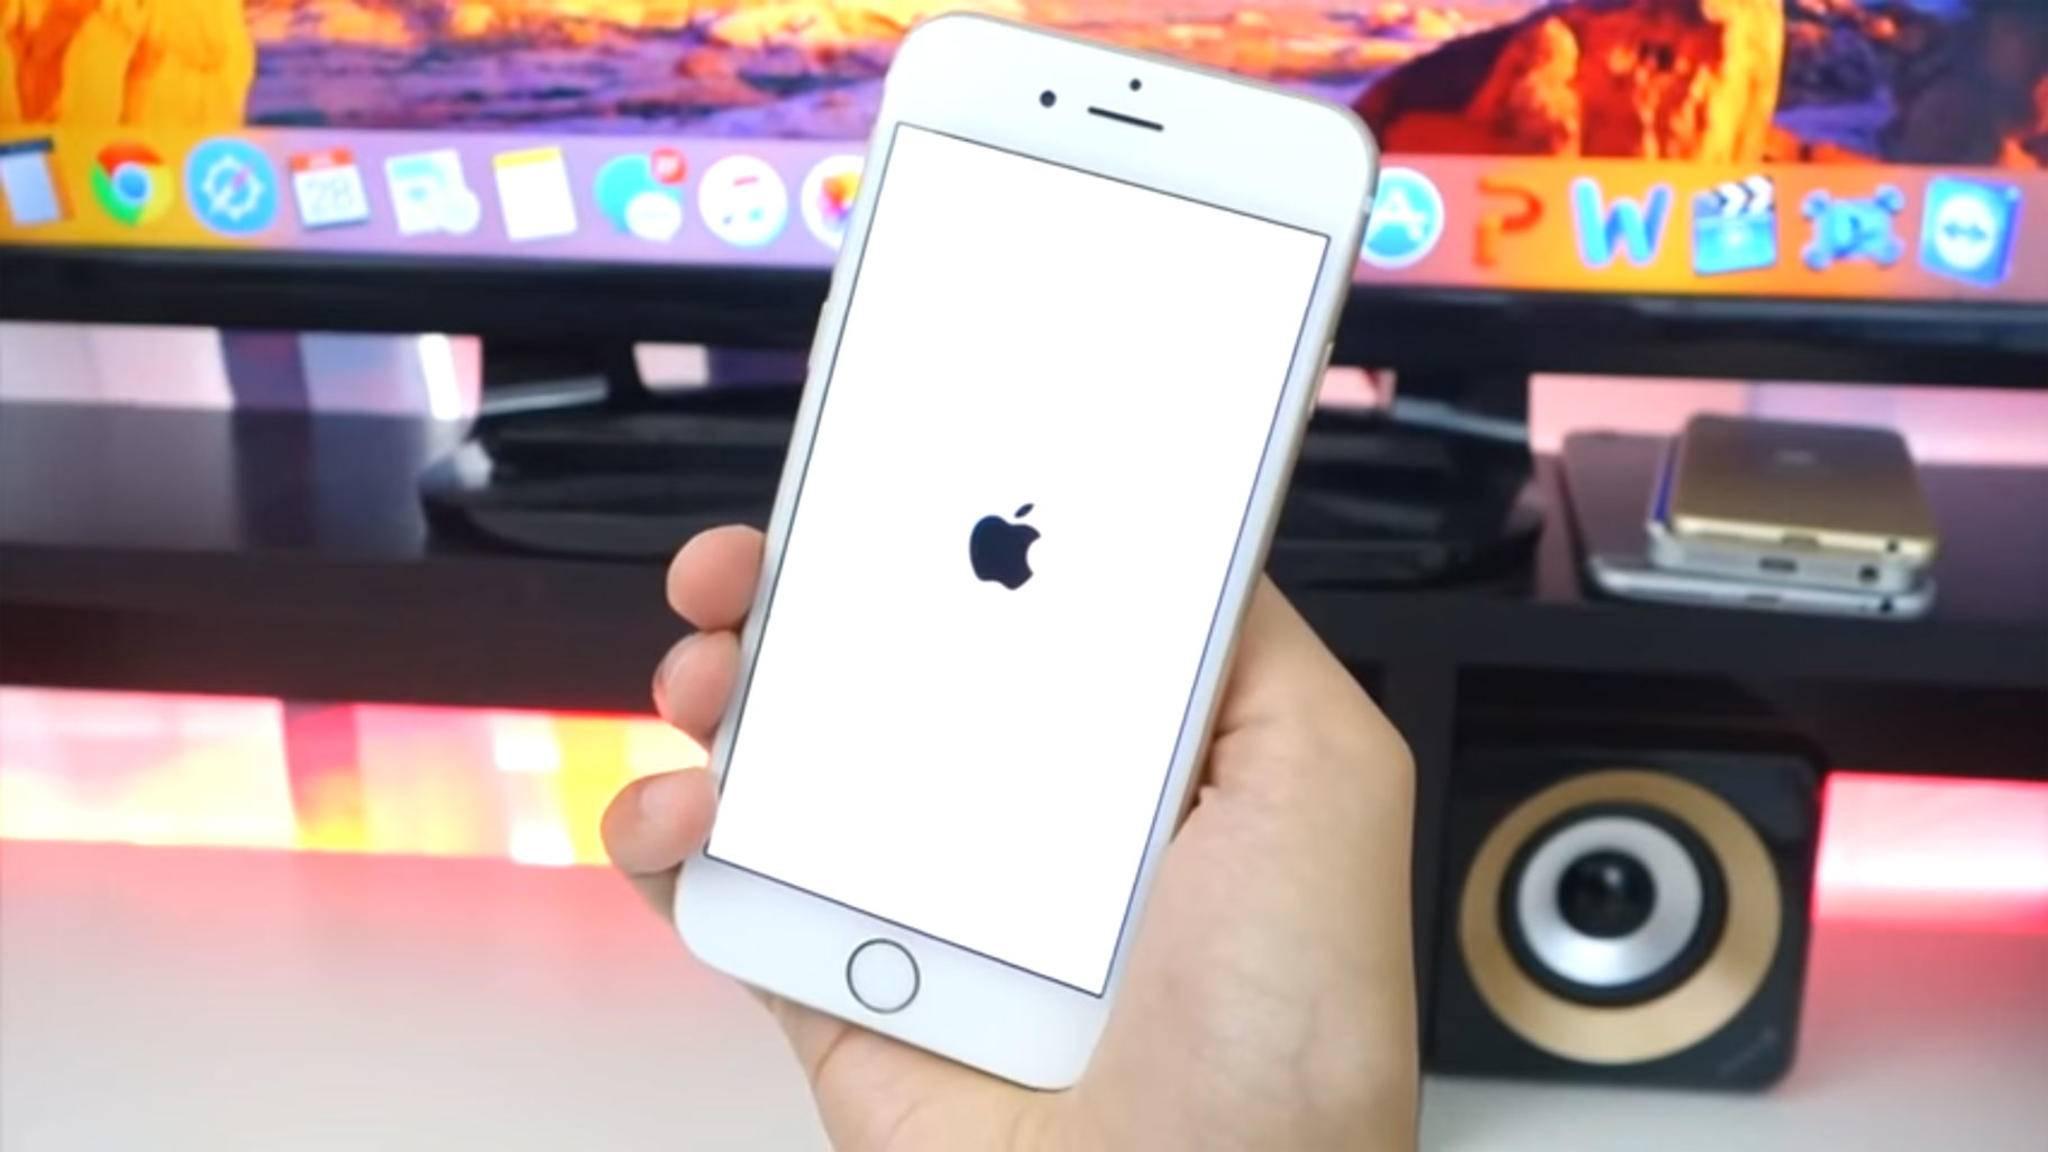 iReagiert das iPhone nicht mehr, hilft oftmals ein erzwungener Neustart weiter.